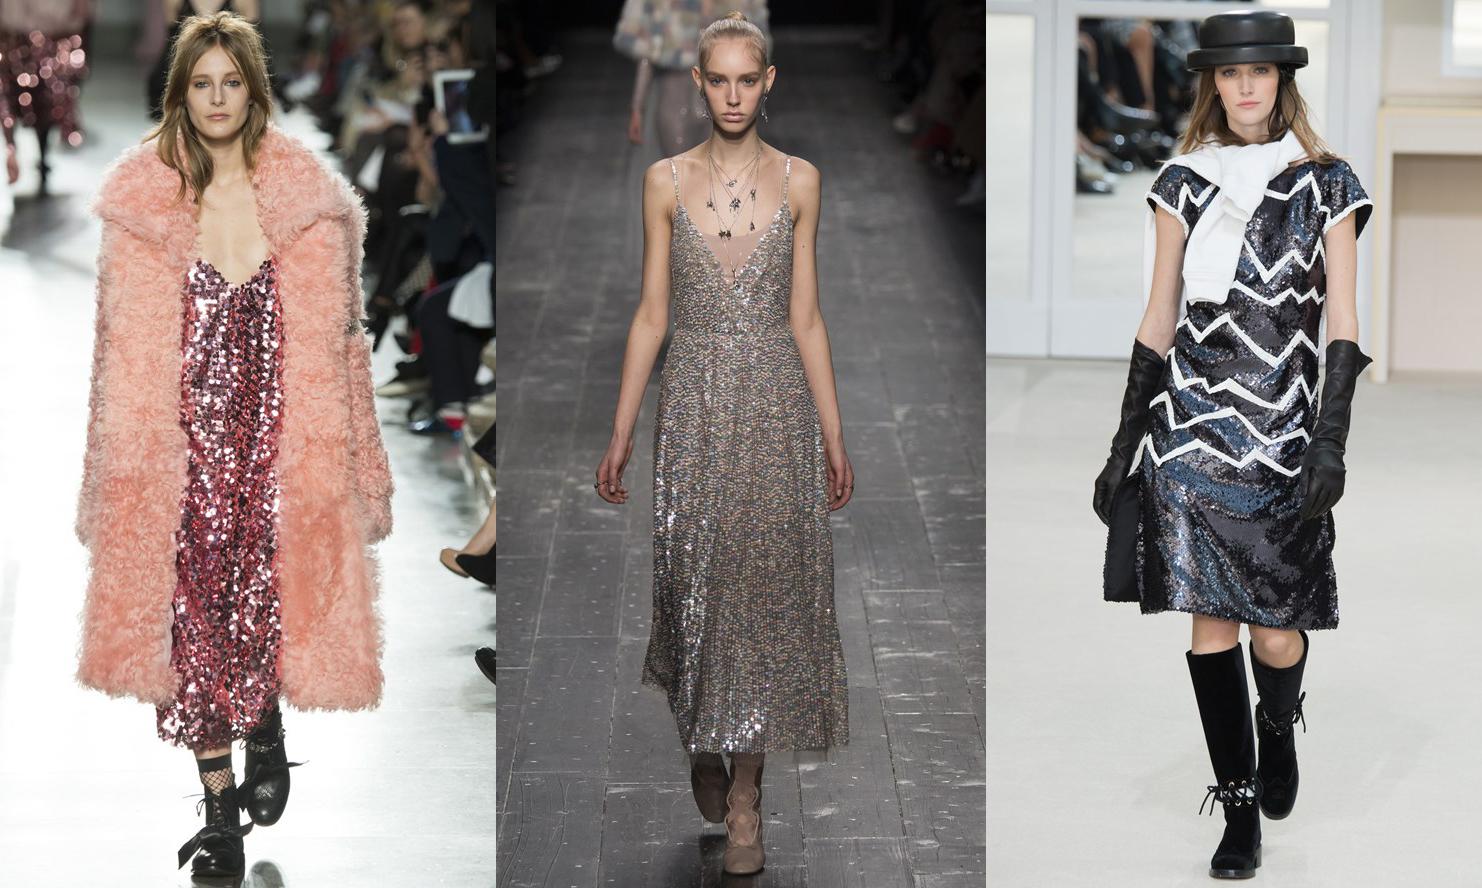 Preen by Thornton Bregazzi, Valentino, Chanel